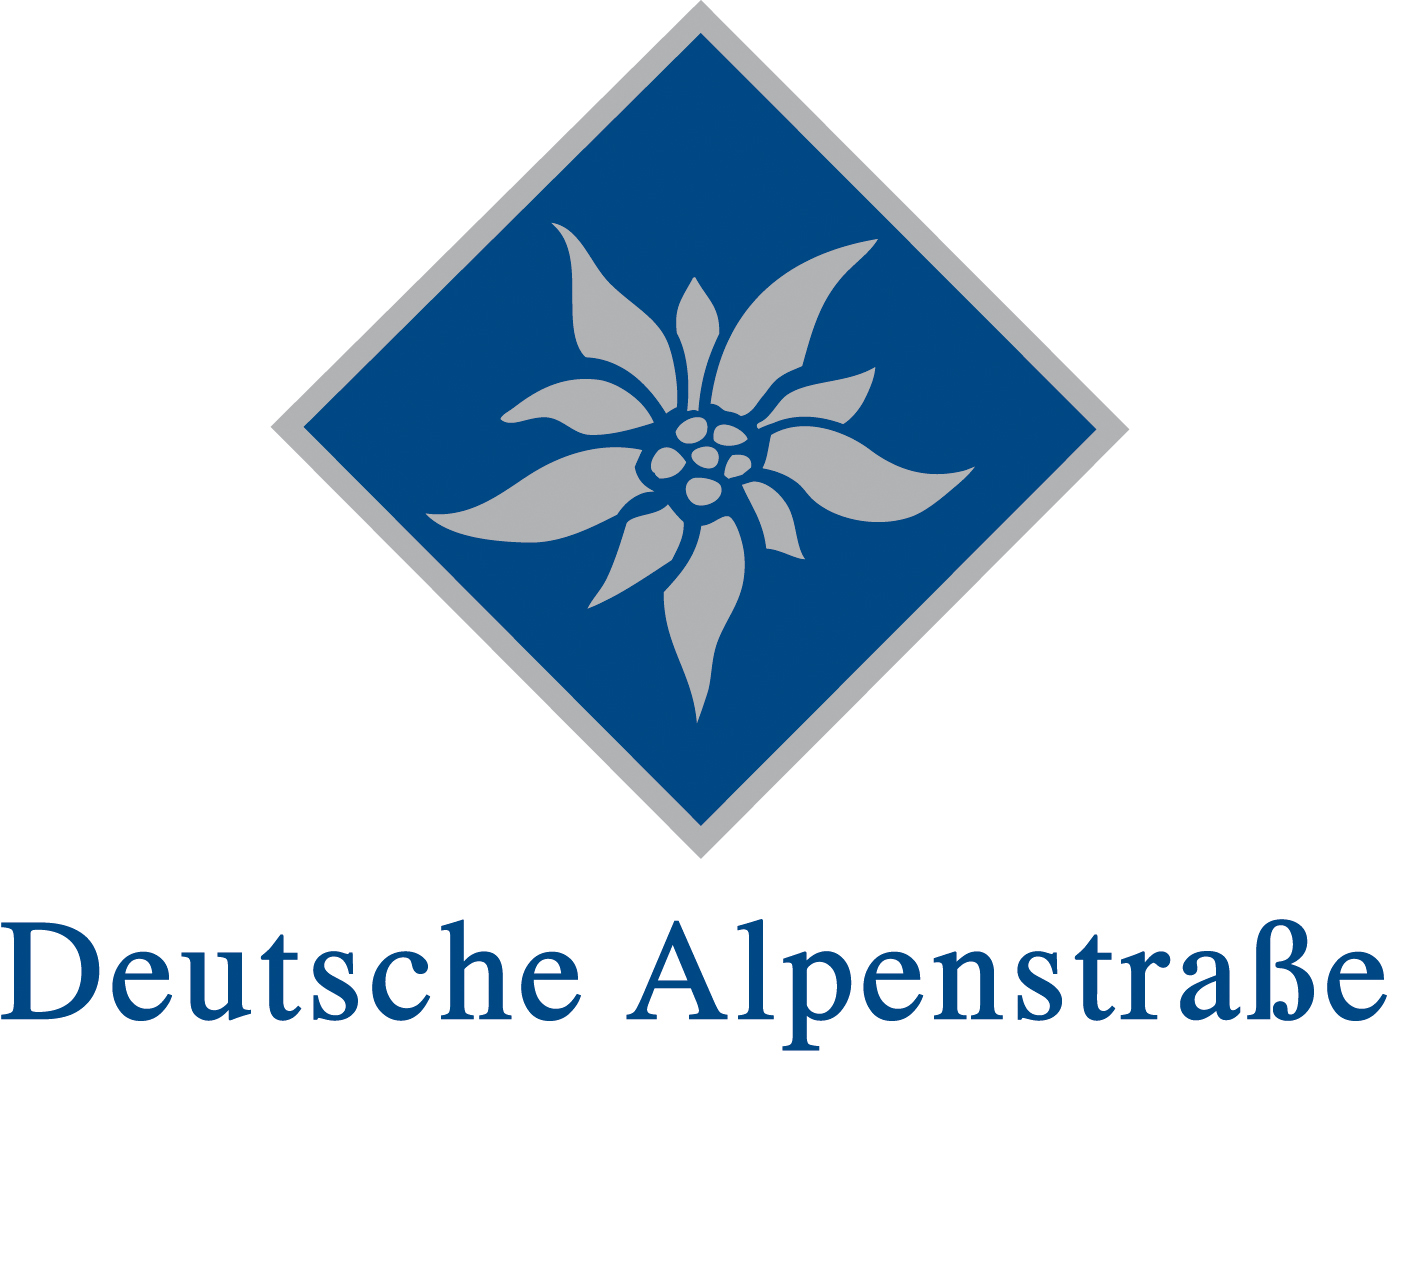 Deutsche Alpenstraße Logo